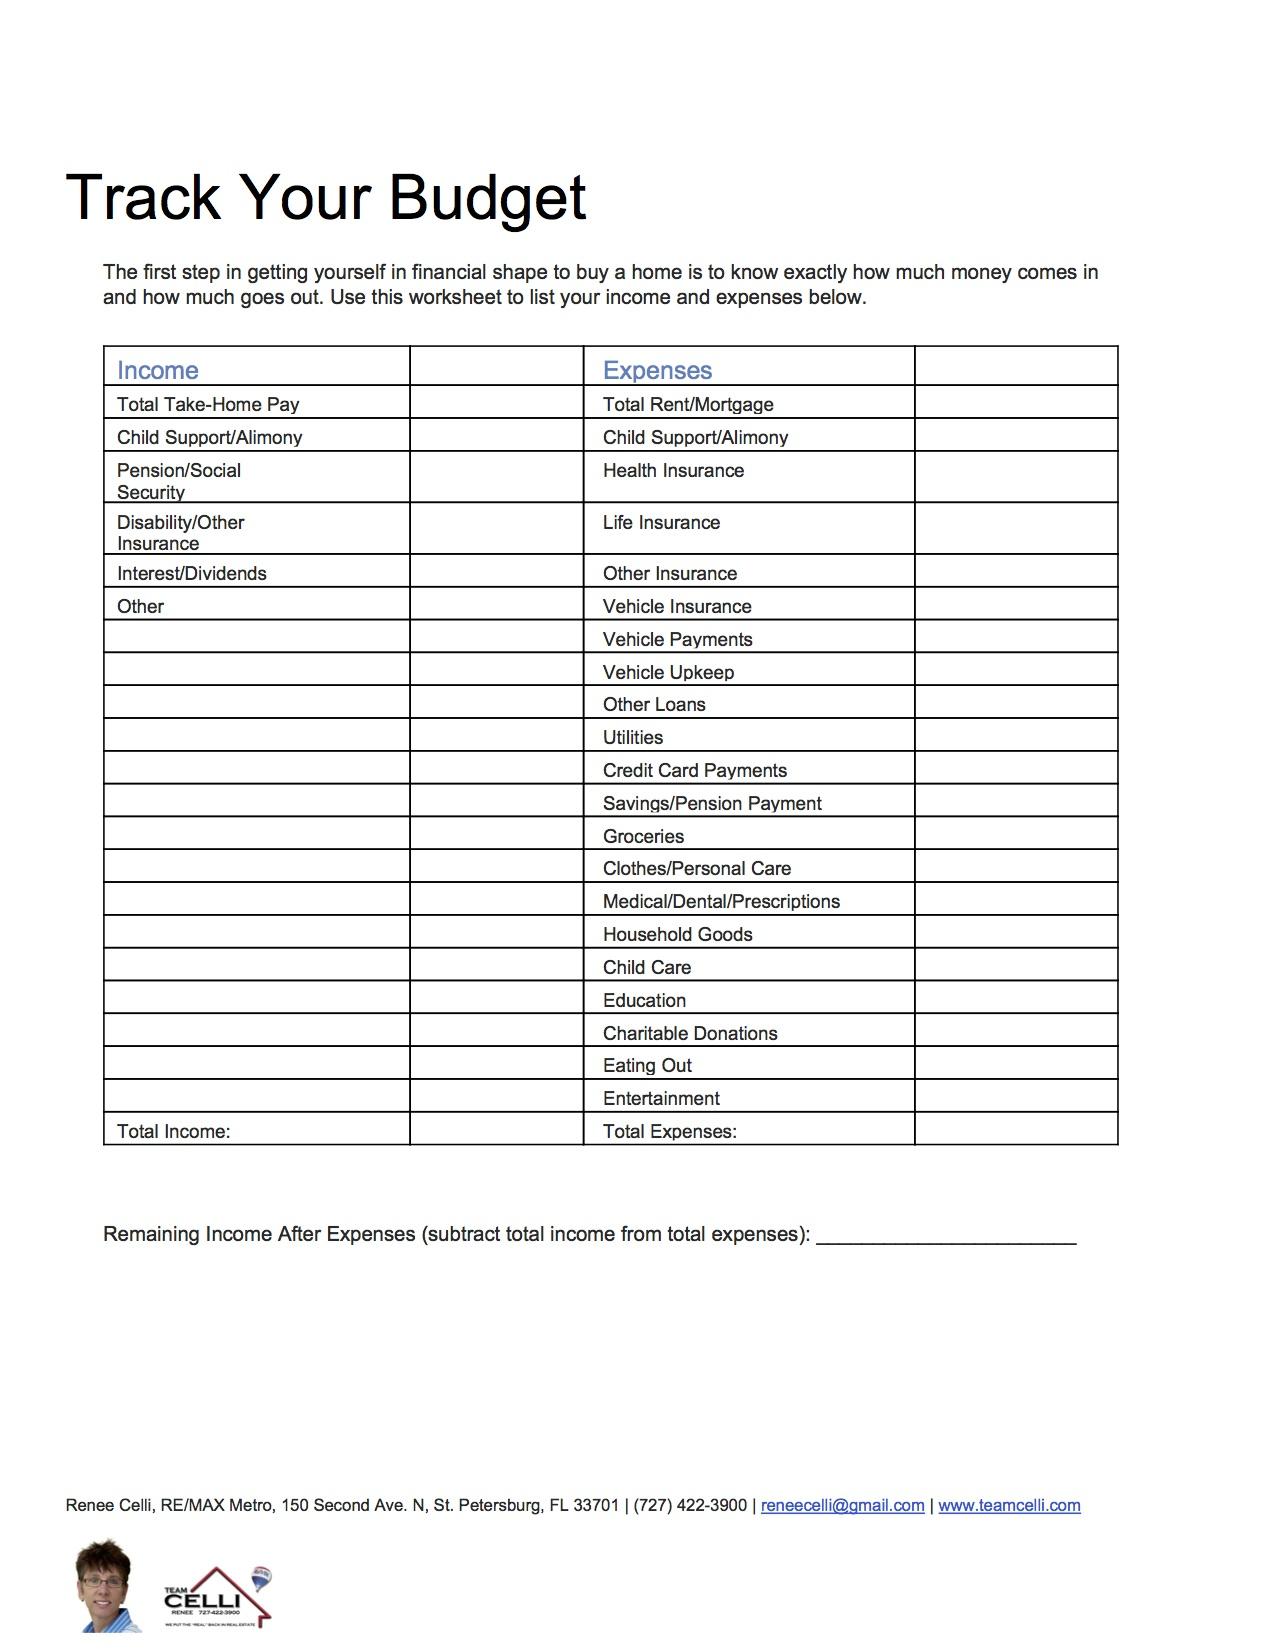 Worksheet For Home Damages